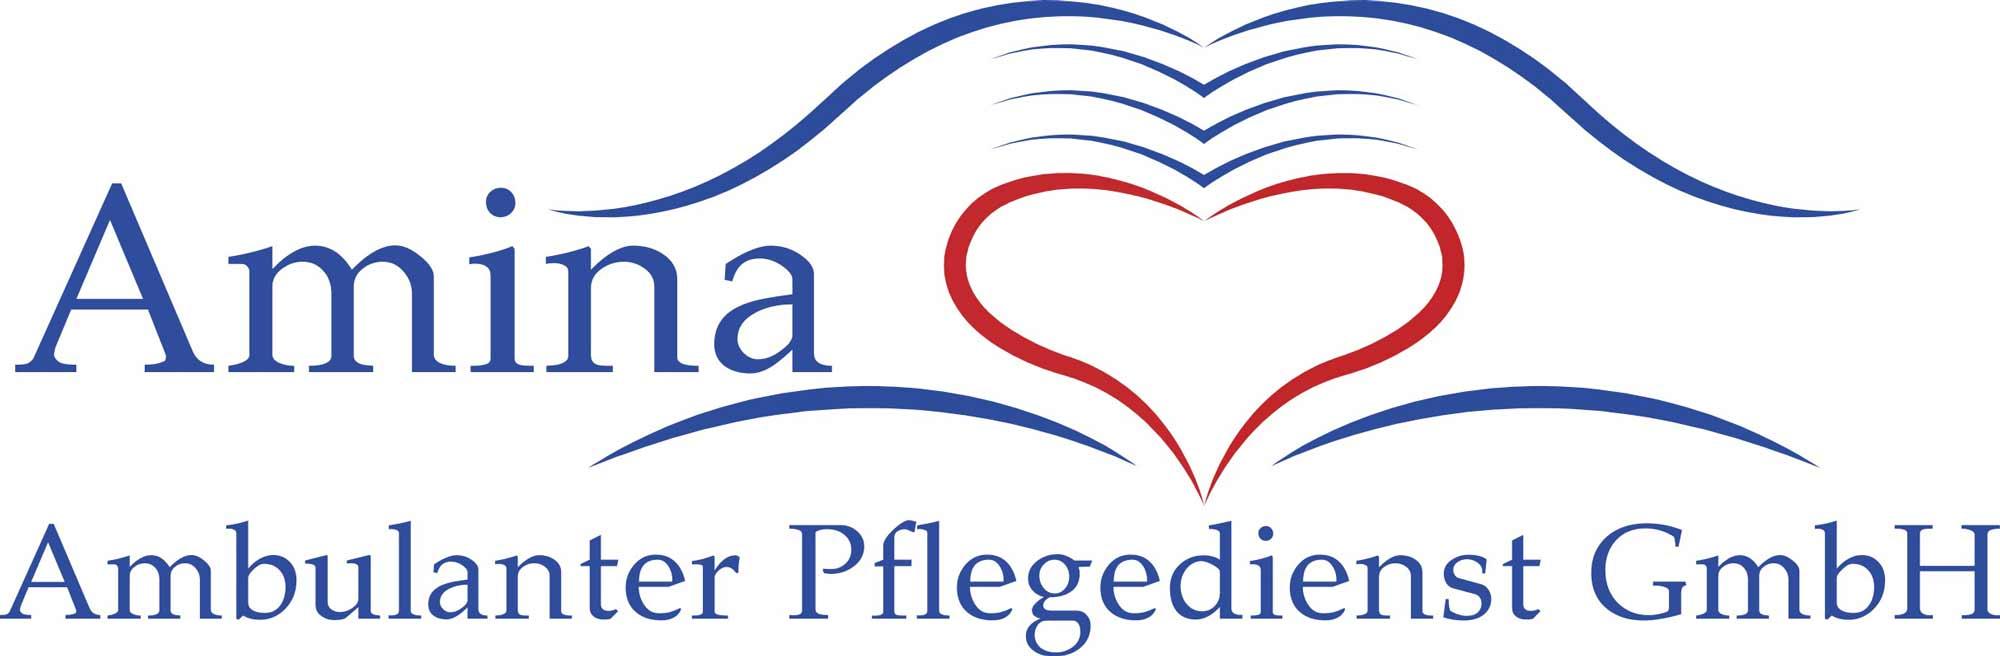 Pflegedienst Bremen: Amina Ambulanter Pflegedienst GmbH - Ambulante Pflege, Krankenpflege, Altenpflege, Seniorenbetreuung und Pflegeberatung.